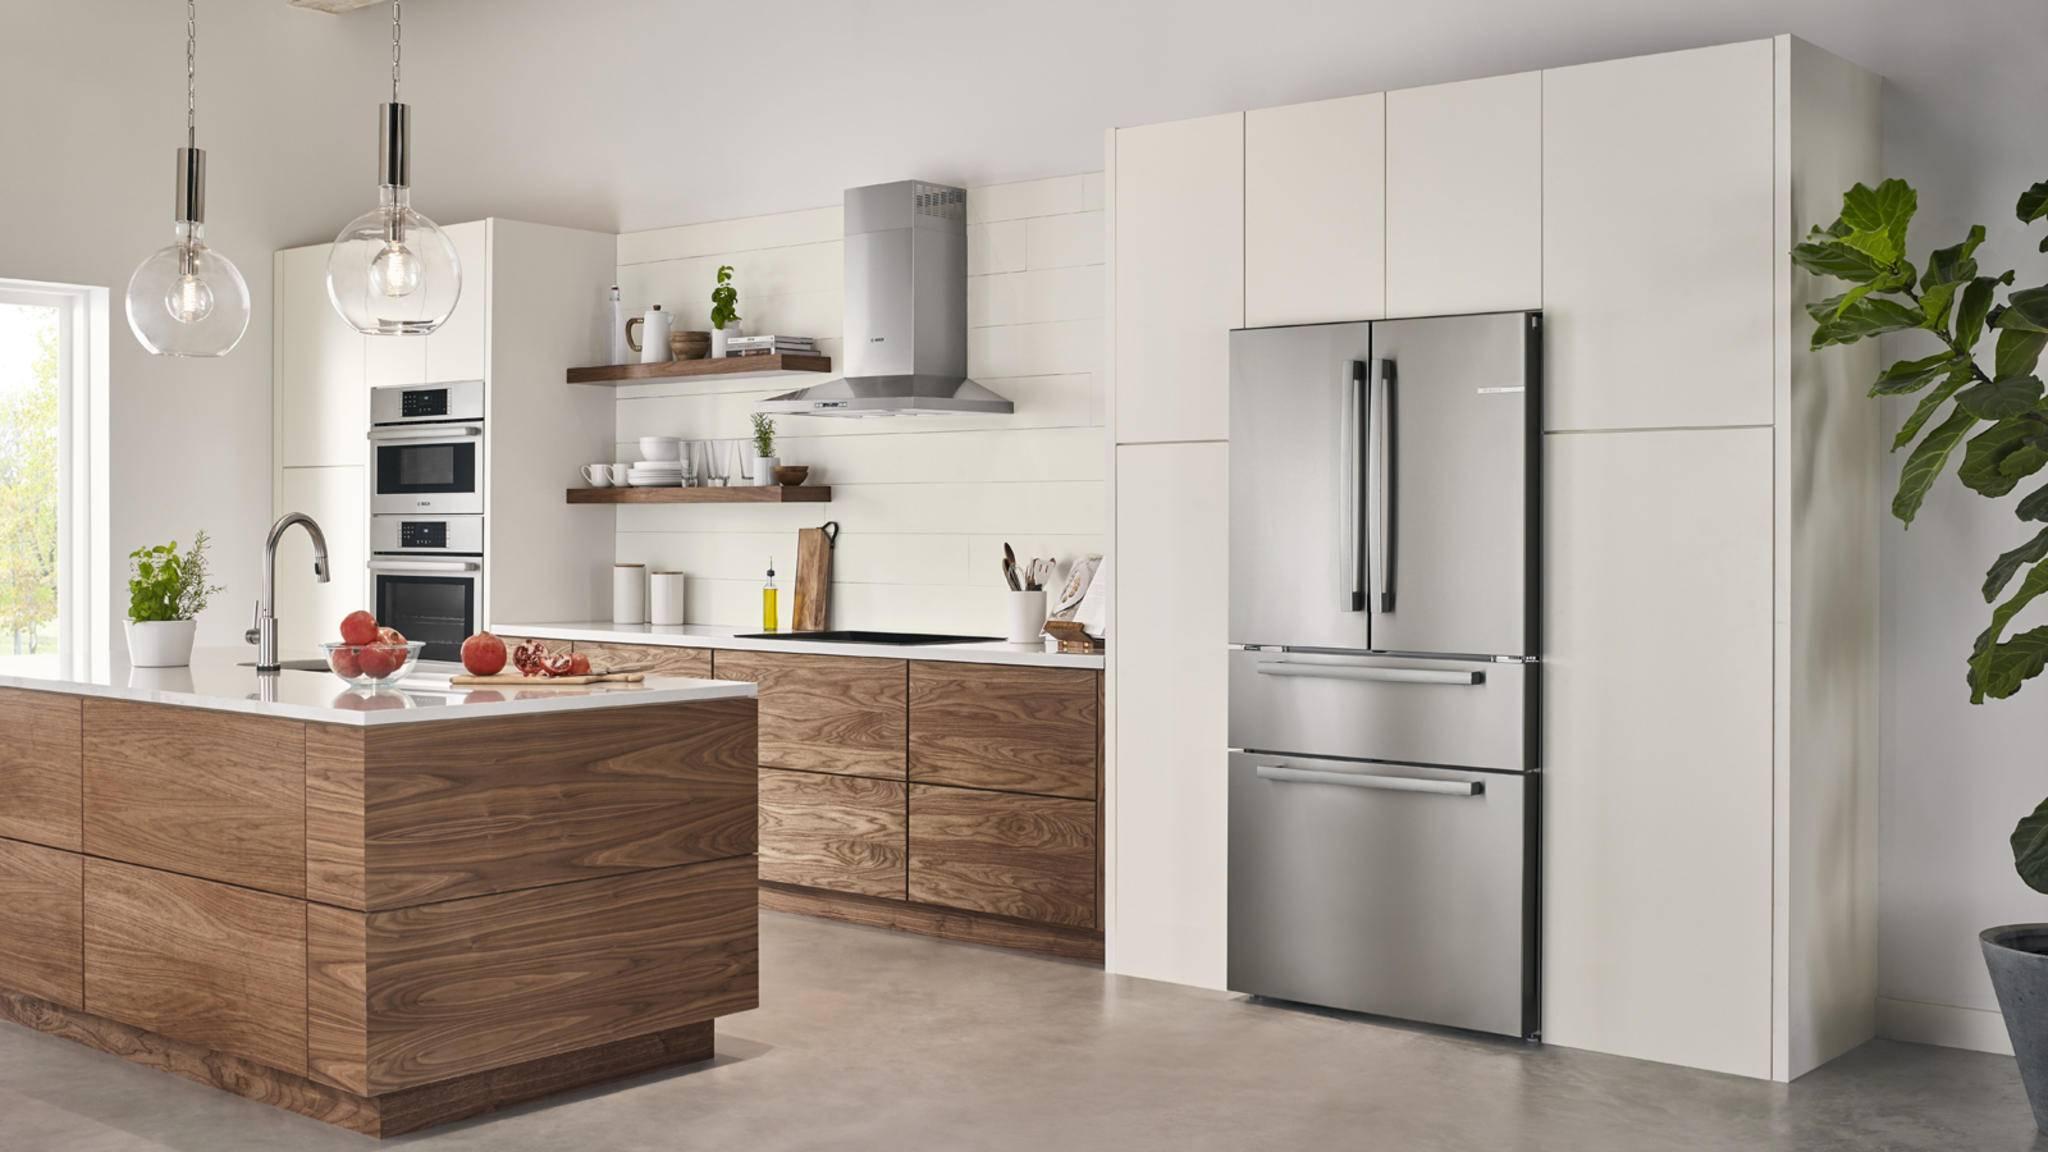 Bosch Kühlschrank Mit Kamera : Für mehr frische: bosch präsentiert neue french door kühlschränke